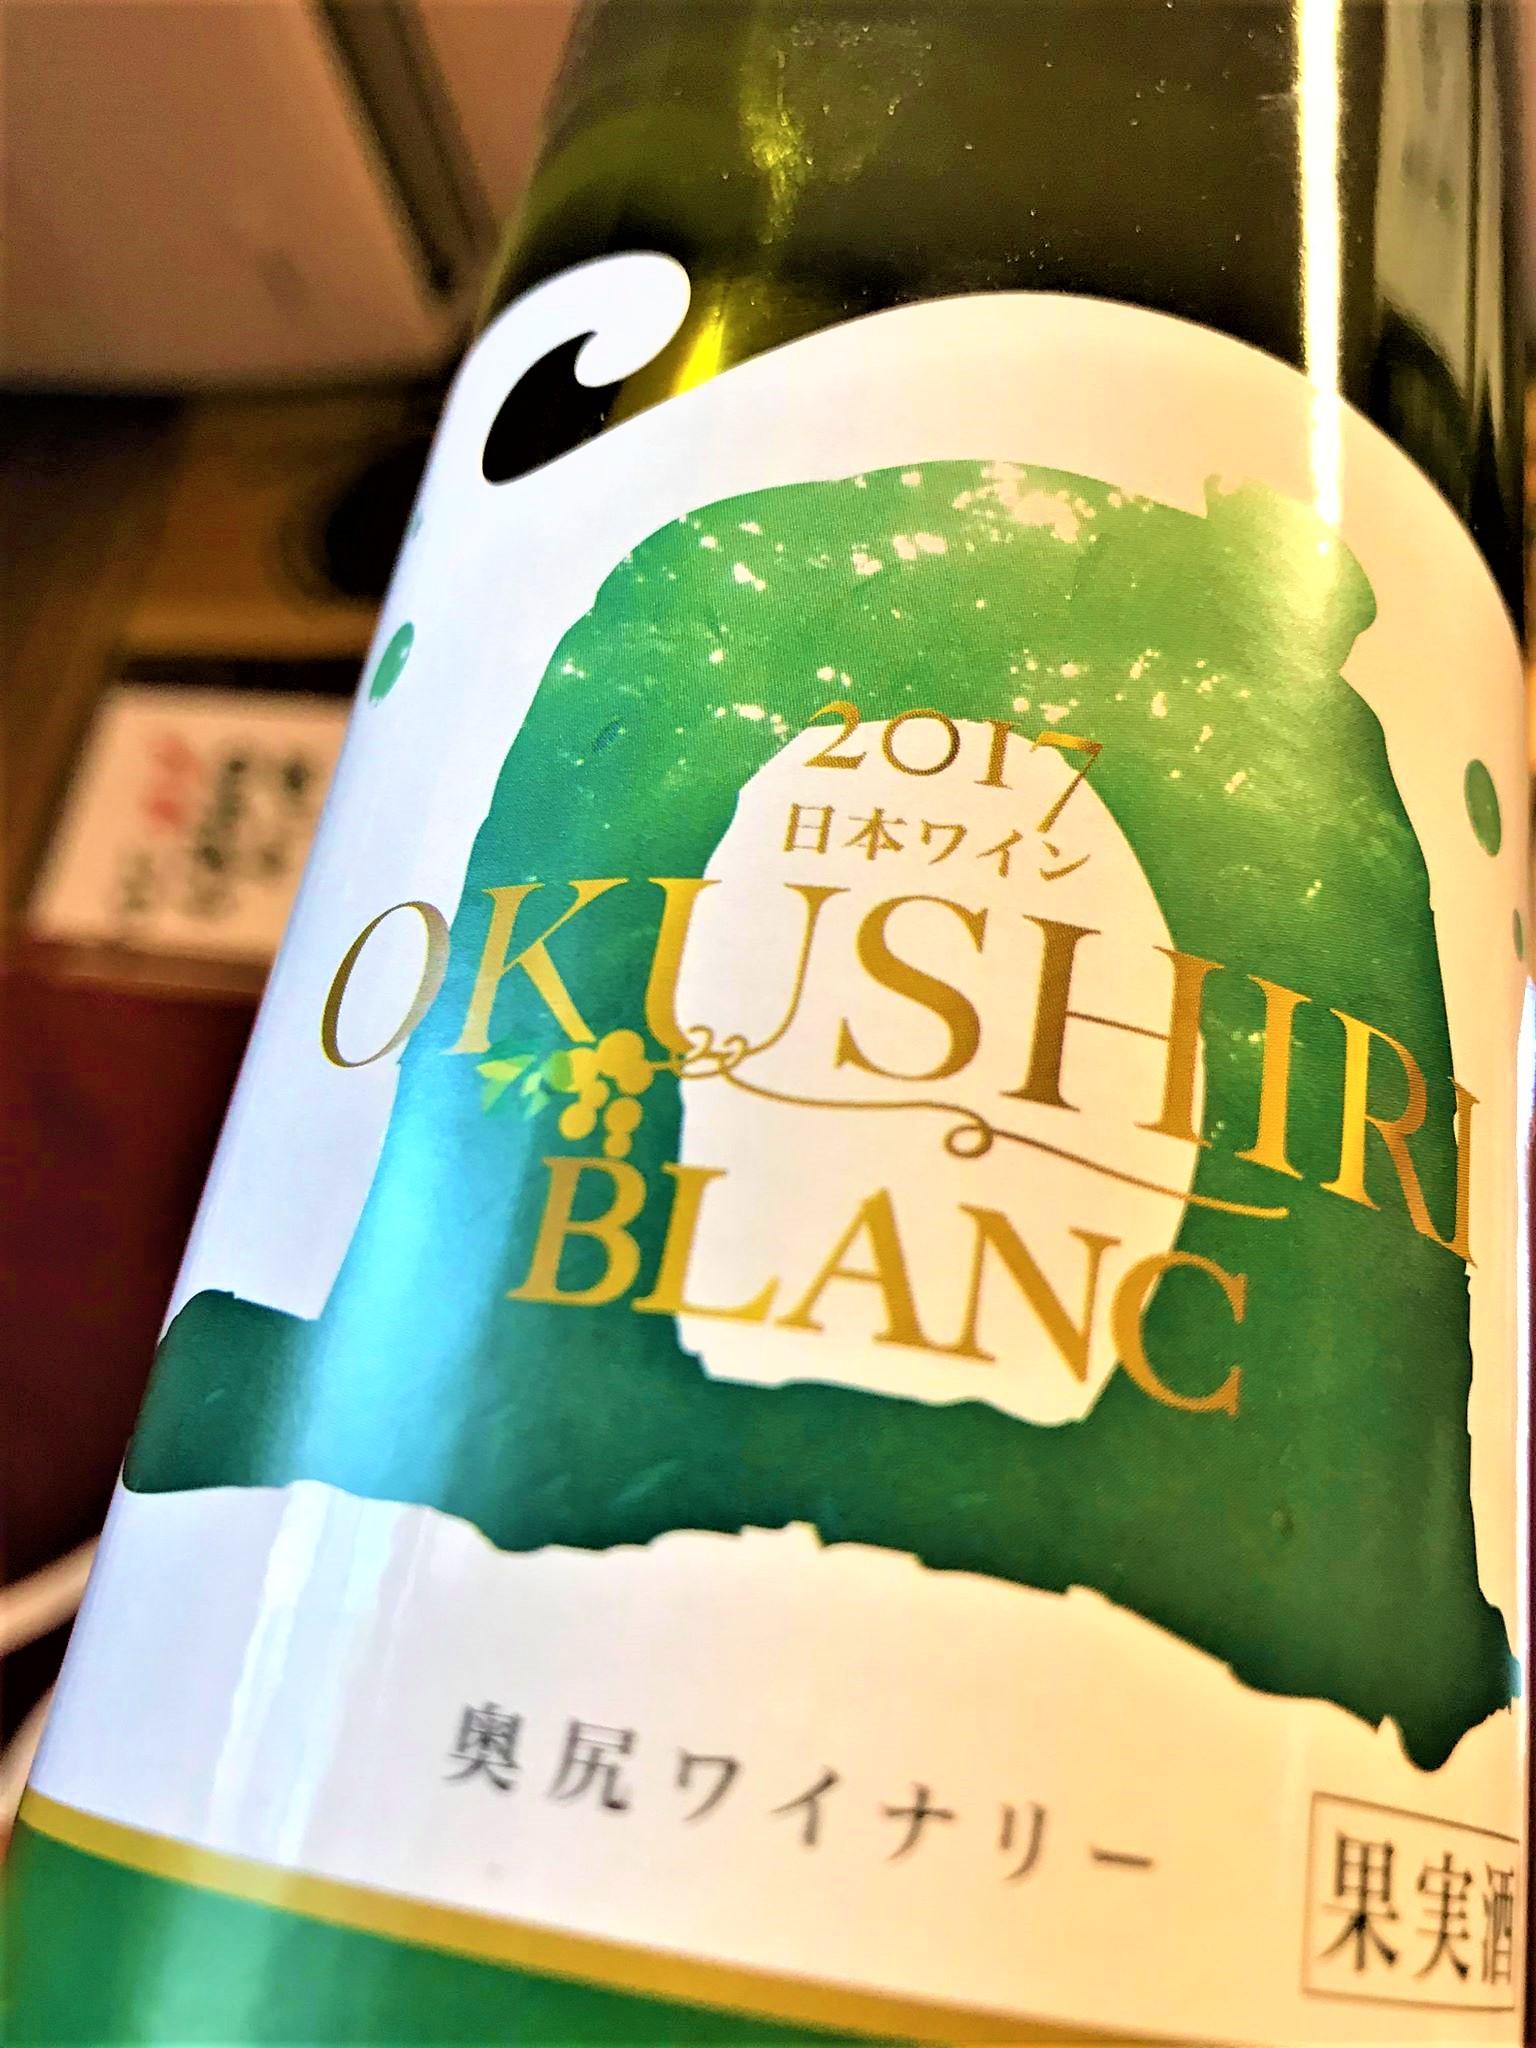 【ワイン】奥尻ワイナリー SUGAKAWA Special 厳選 BLANC Blend 限定🆕_e0173738_1822998.jpg